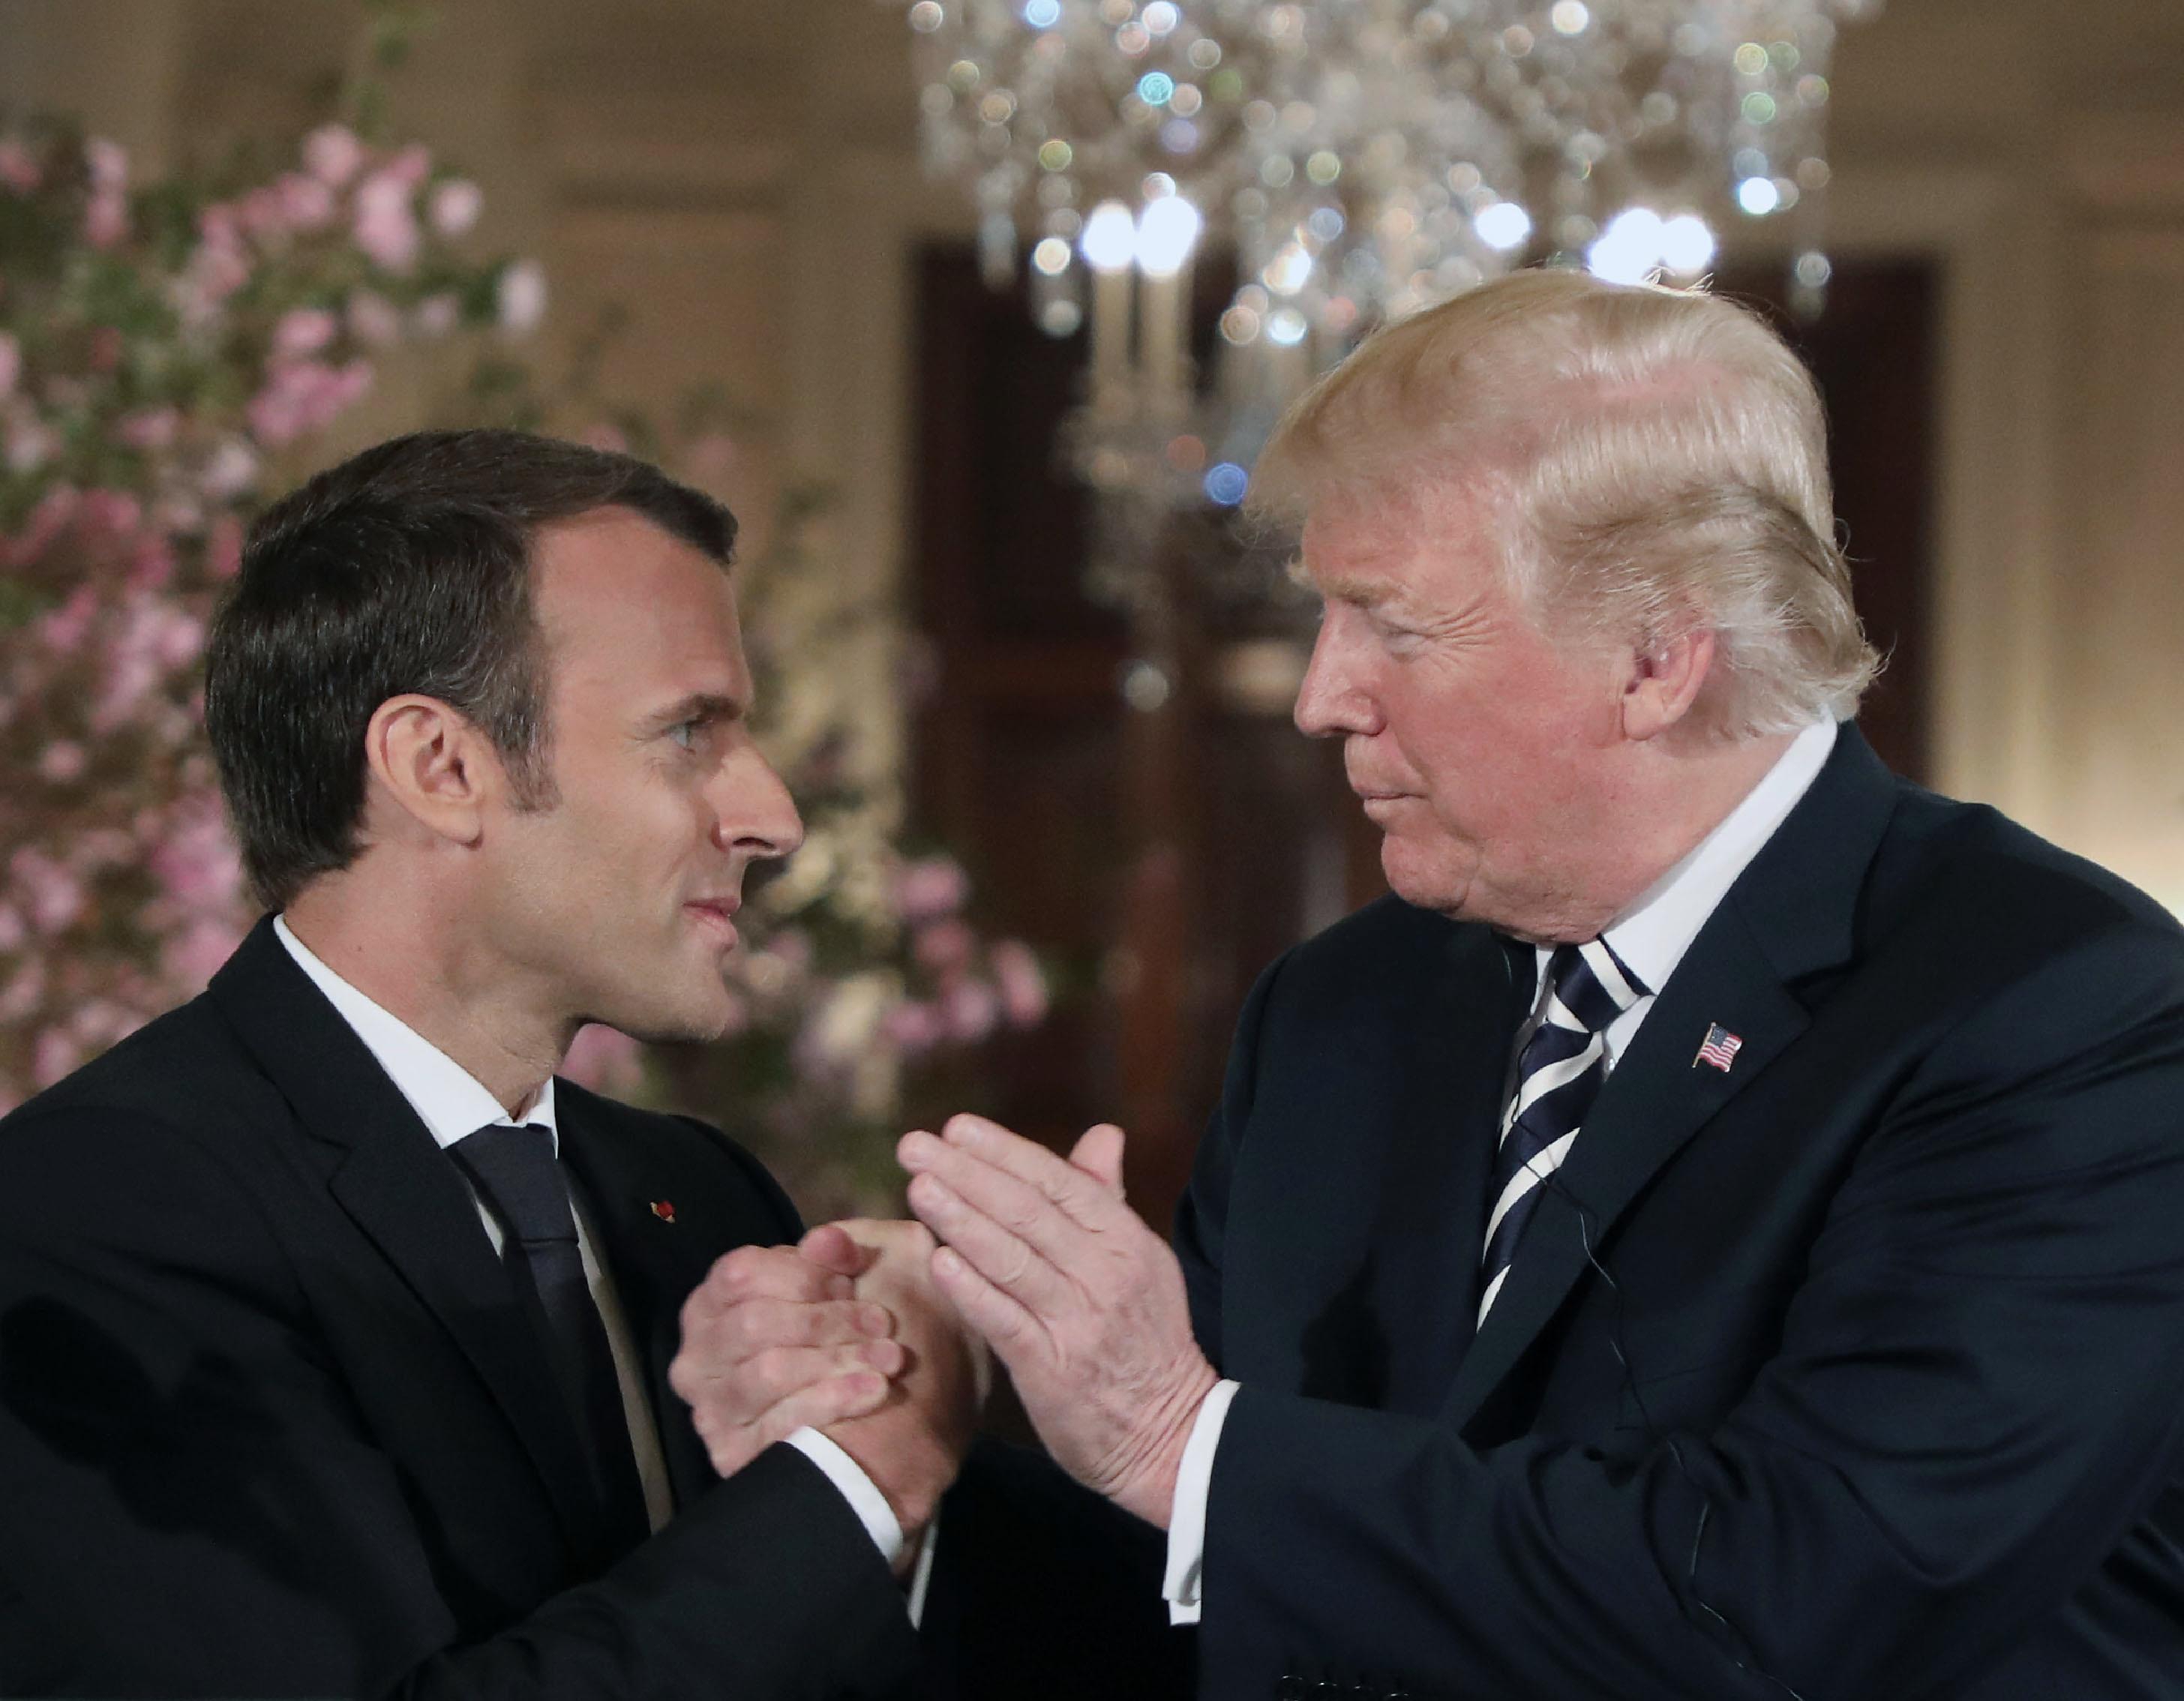 Macron Washingtonban győzködte Trumpot, hogy ne rúgja fel az iráni atomalkut